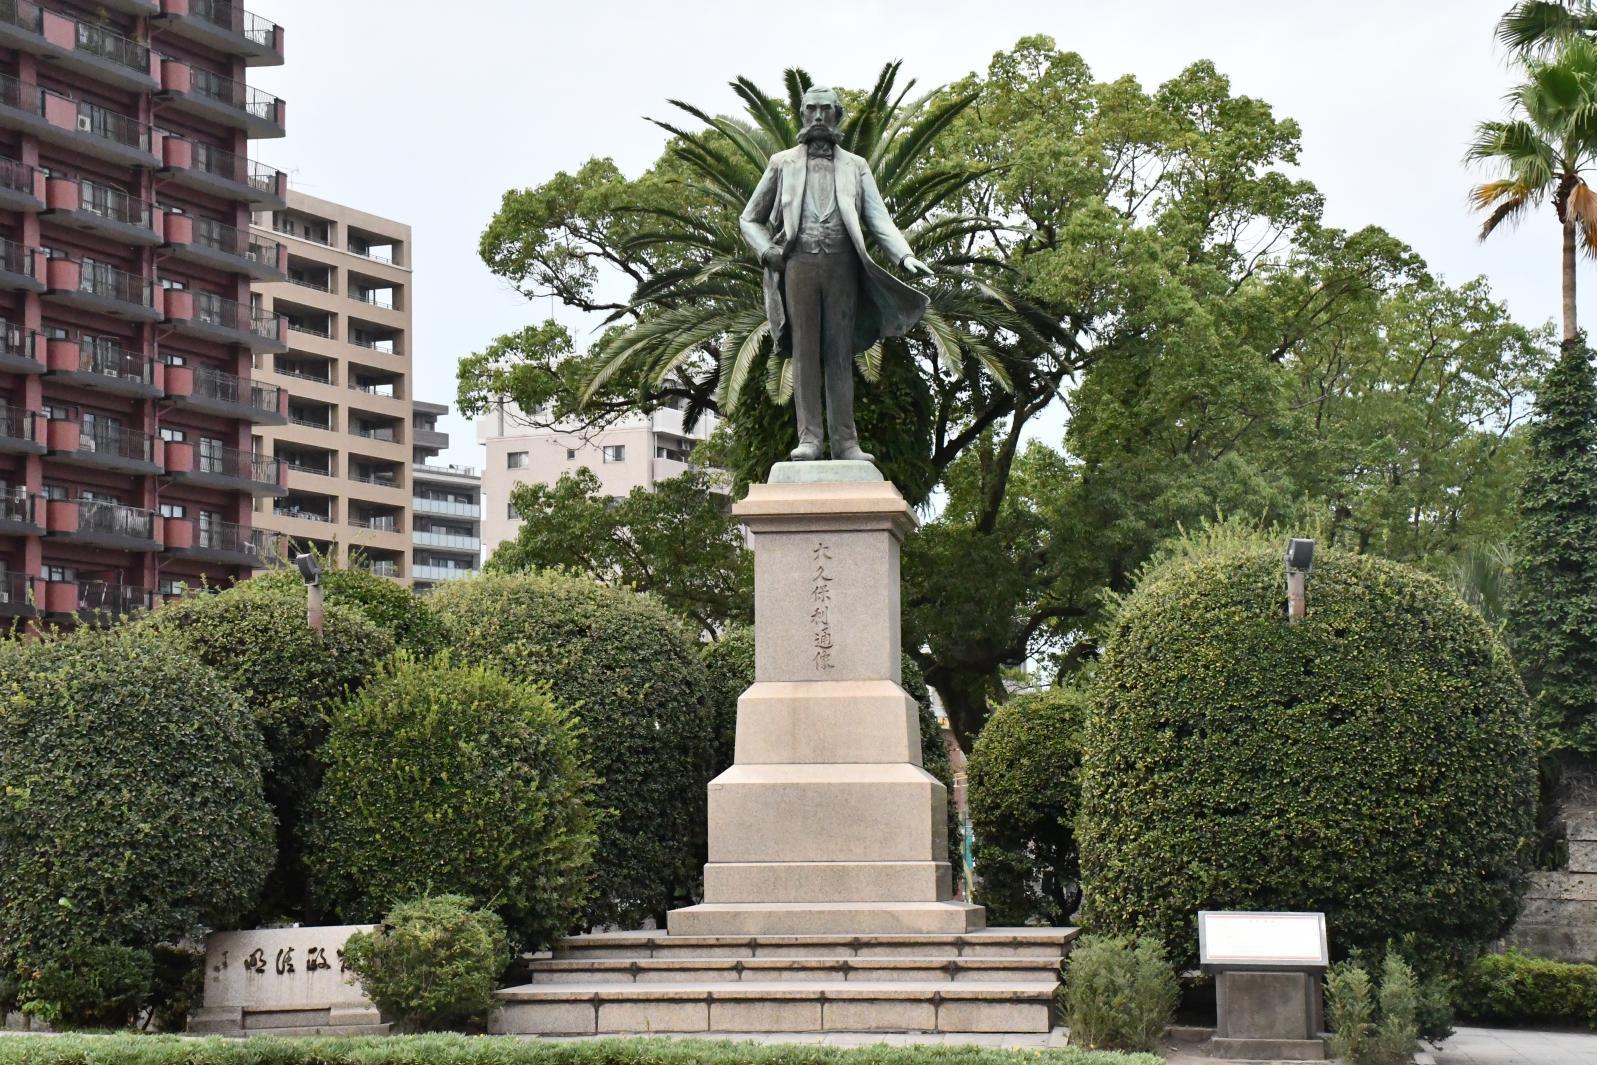 コース5:明治維新と近代日本を築いた偉人たちの誕生地-1